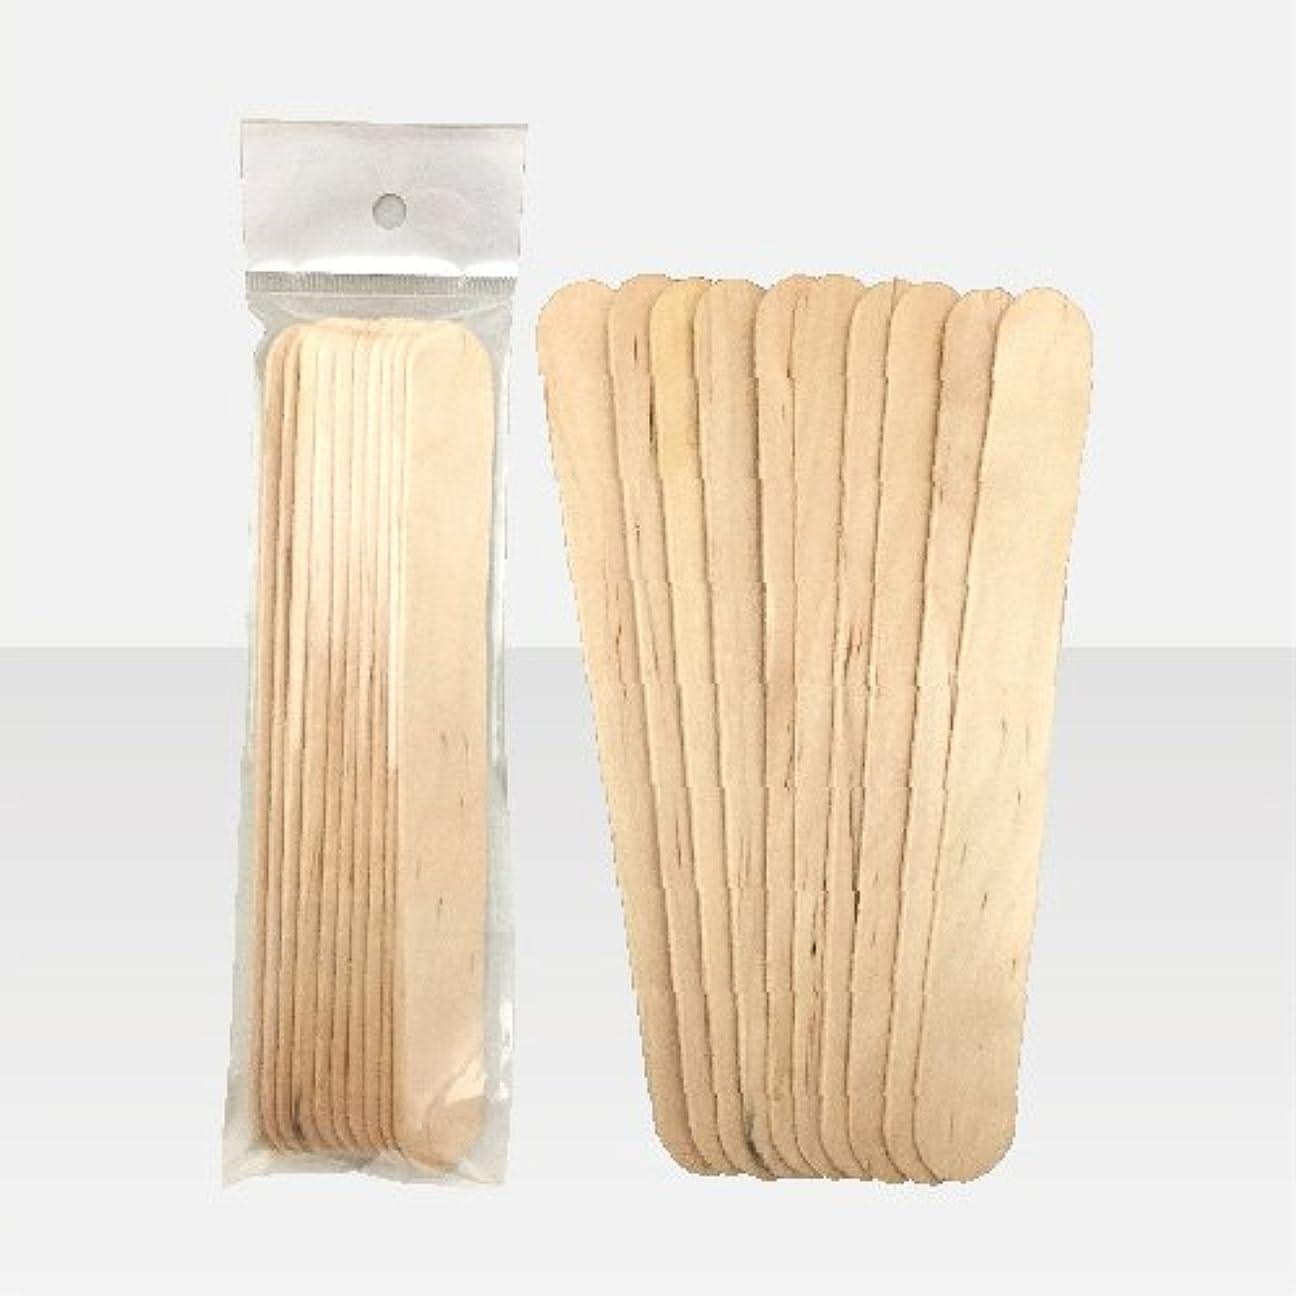 機動冬二週間ブラジリアンワックス 脱毛ワックス用  ワックススパチュラ 木ベラ /10本セット Mサイズ